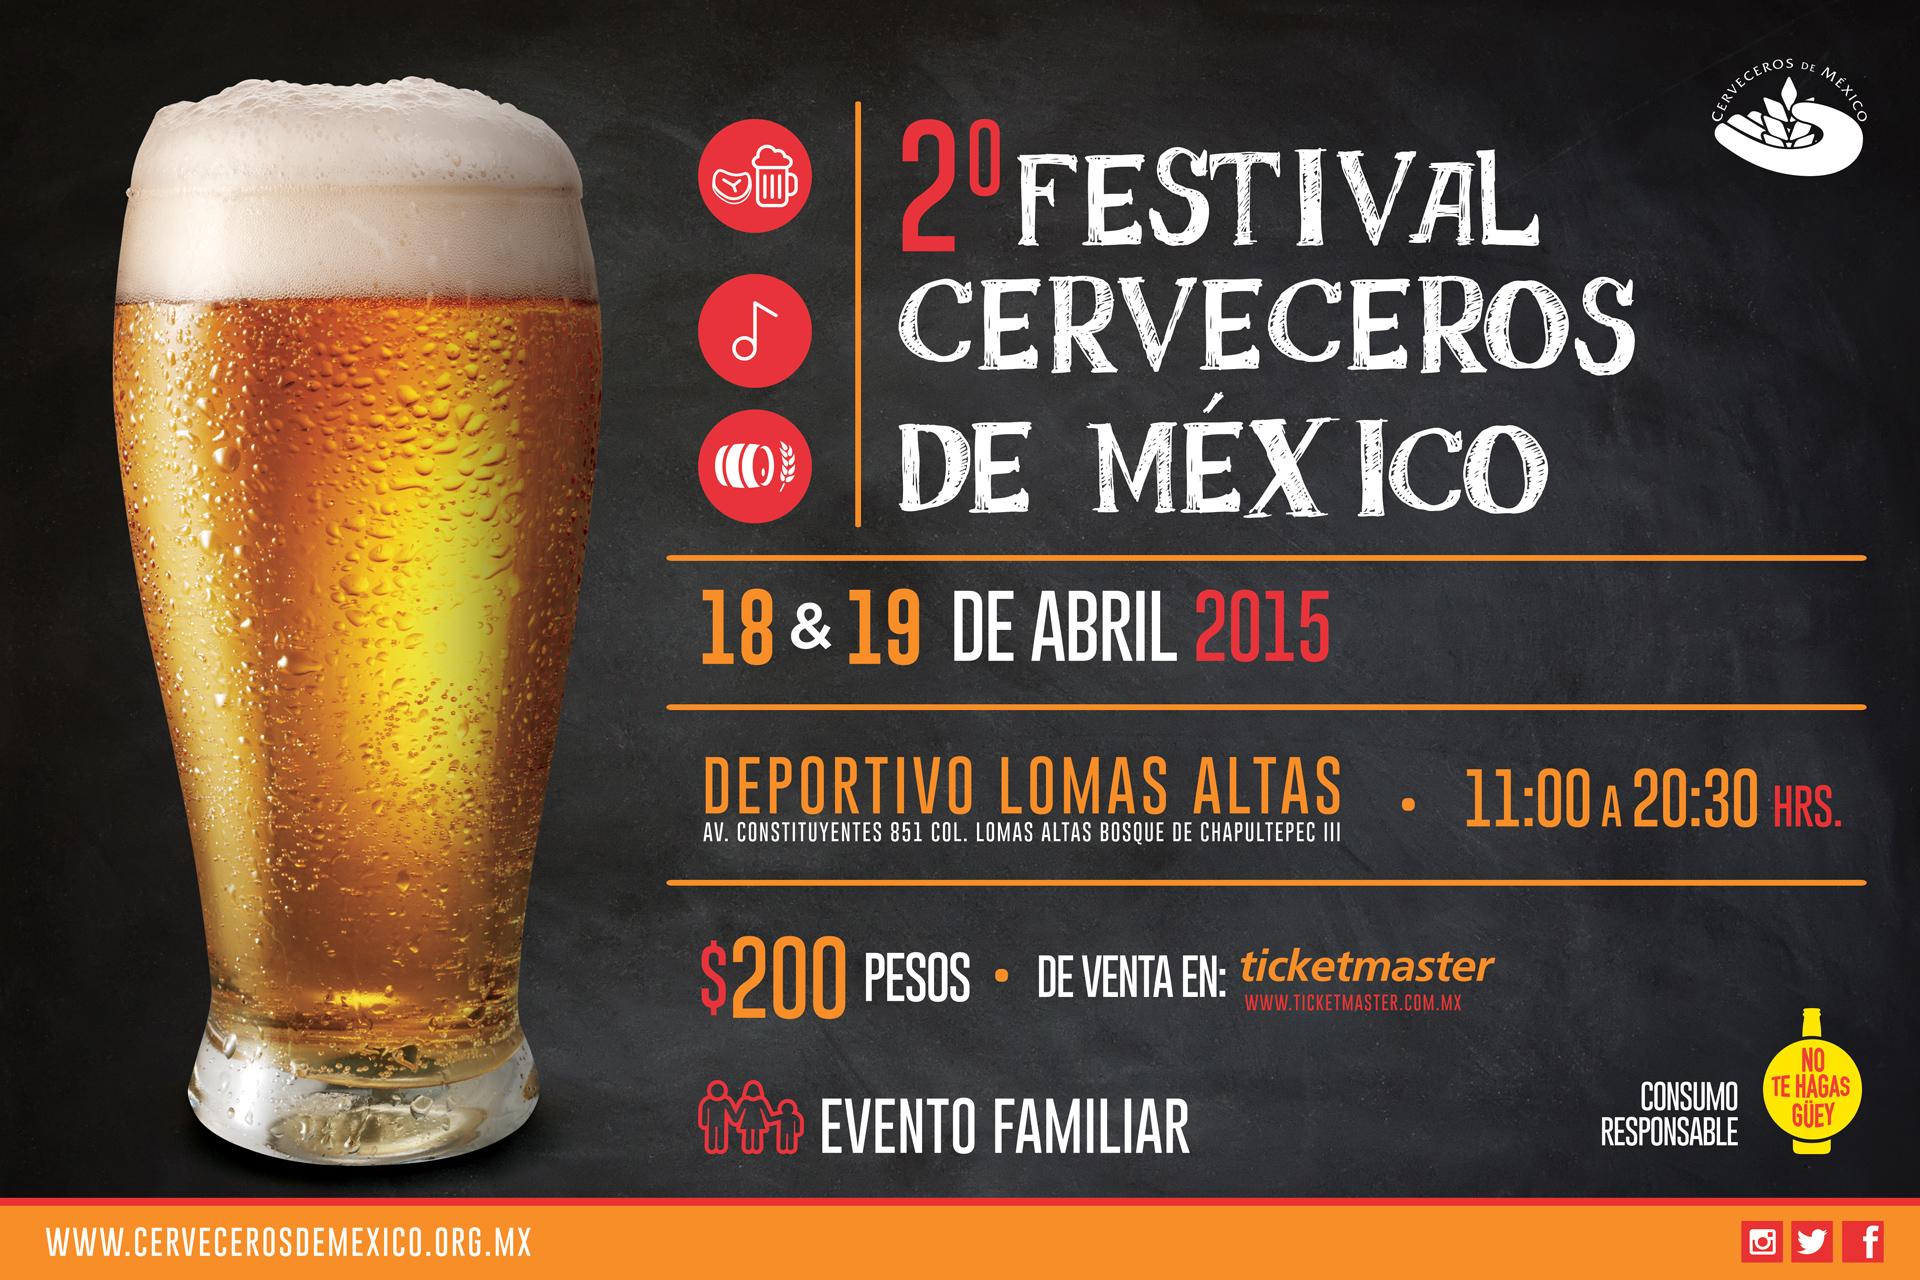 ¡Listos los detalles para el 2do Festival Cerveceros de México!